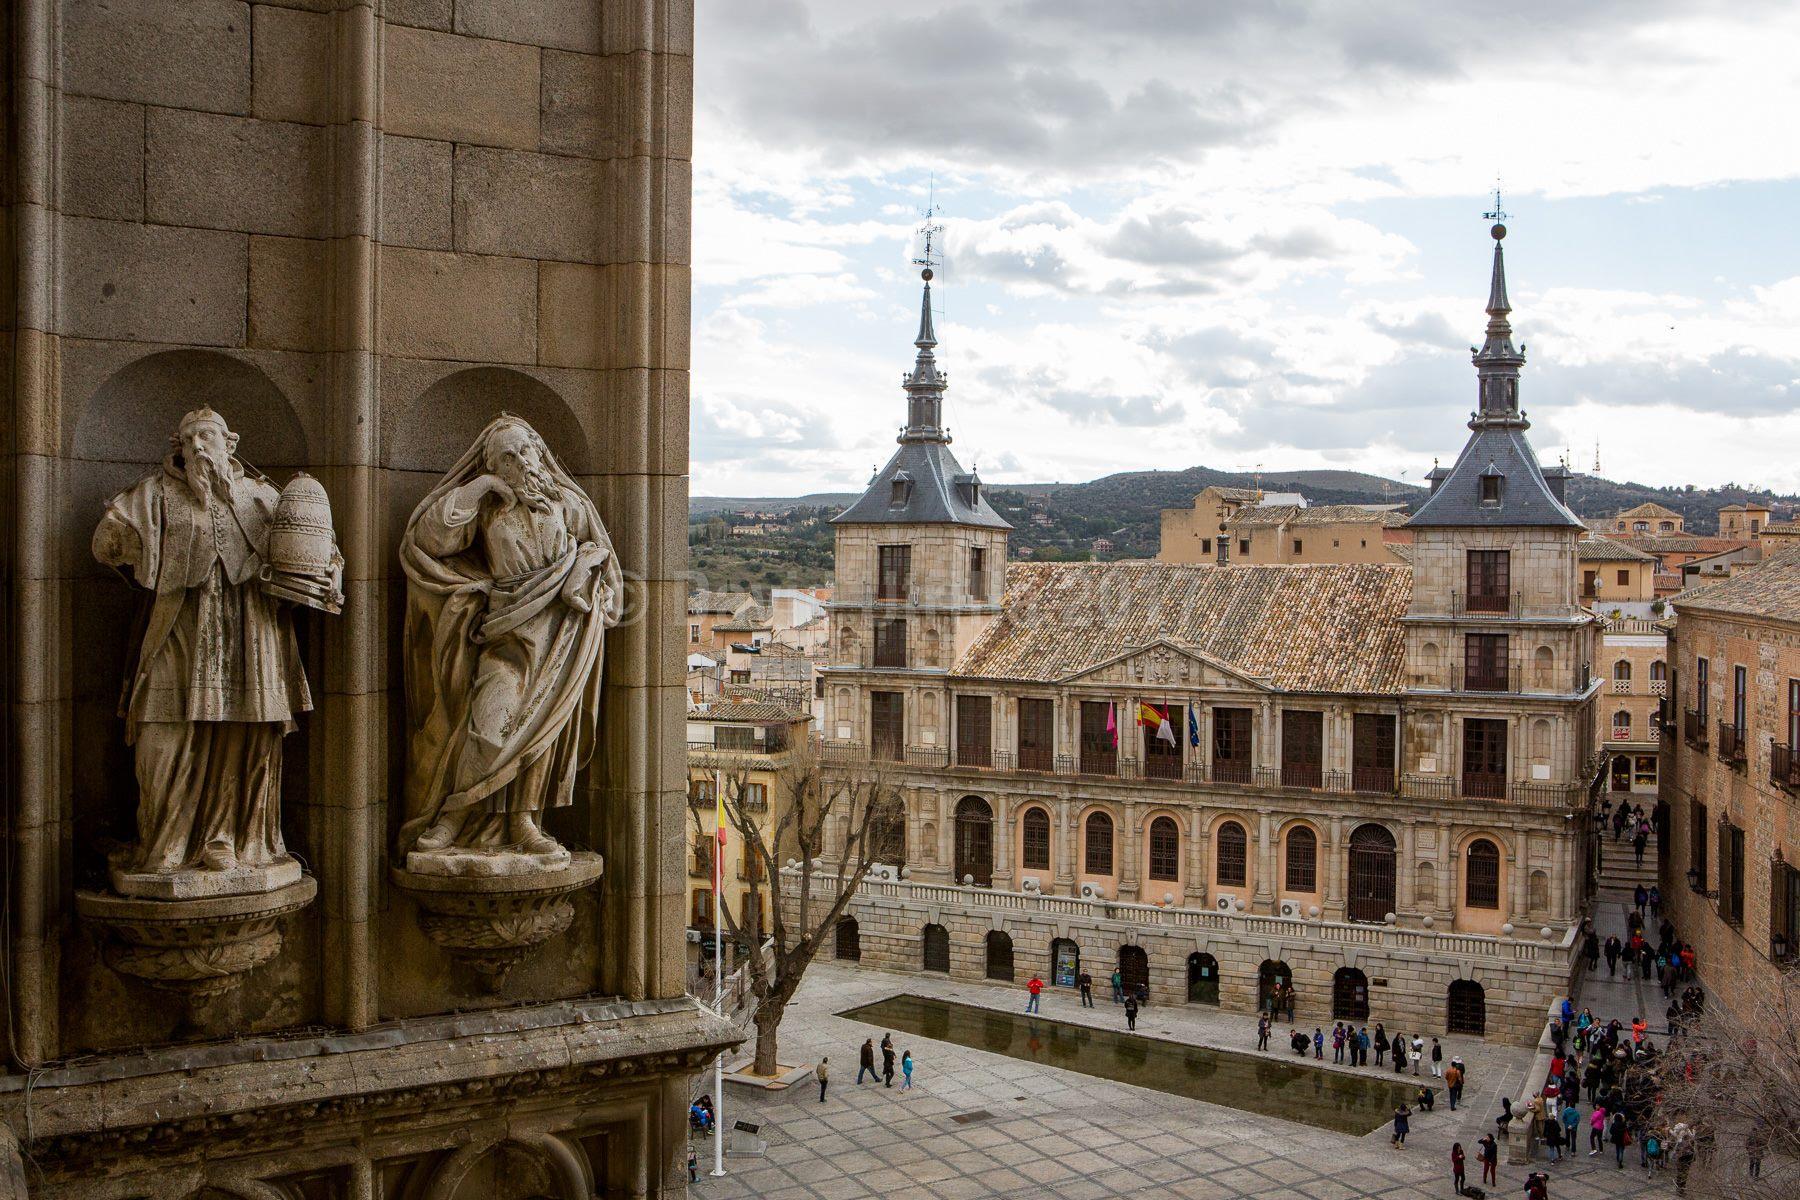 Plaza del Ayuntamiento de Toledo